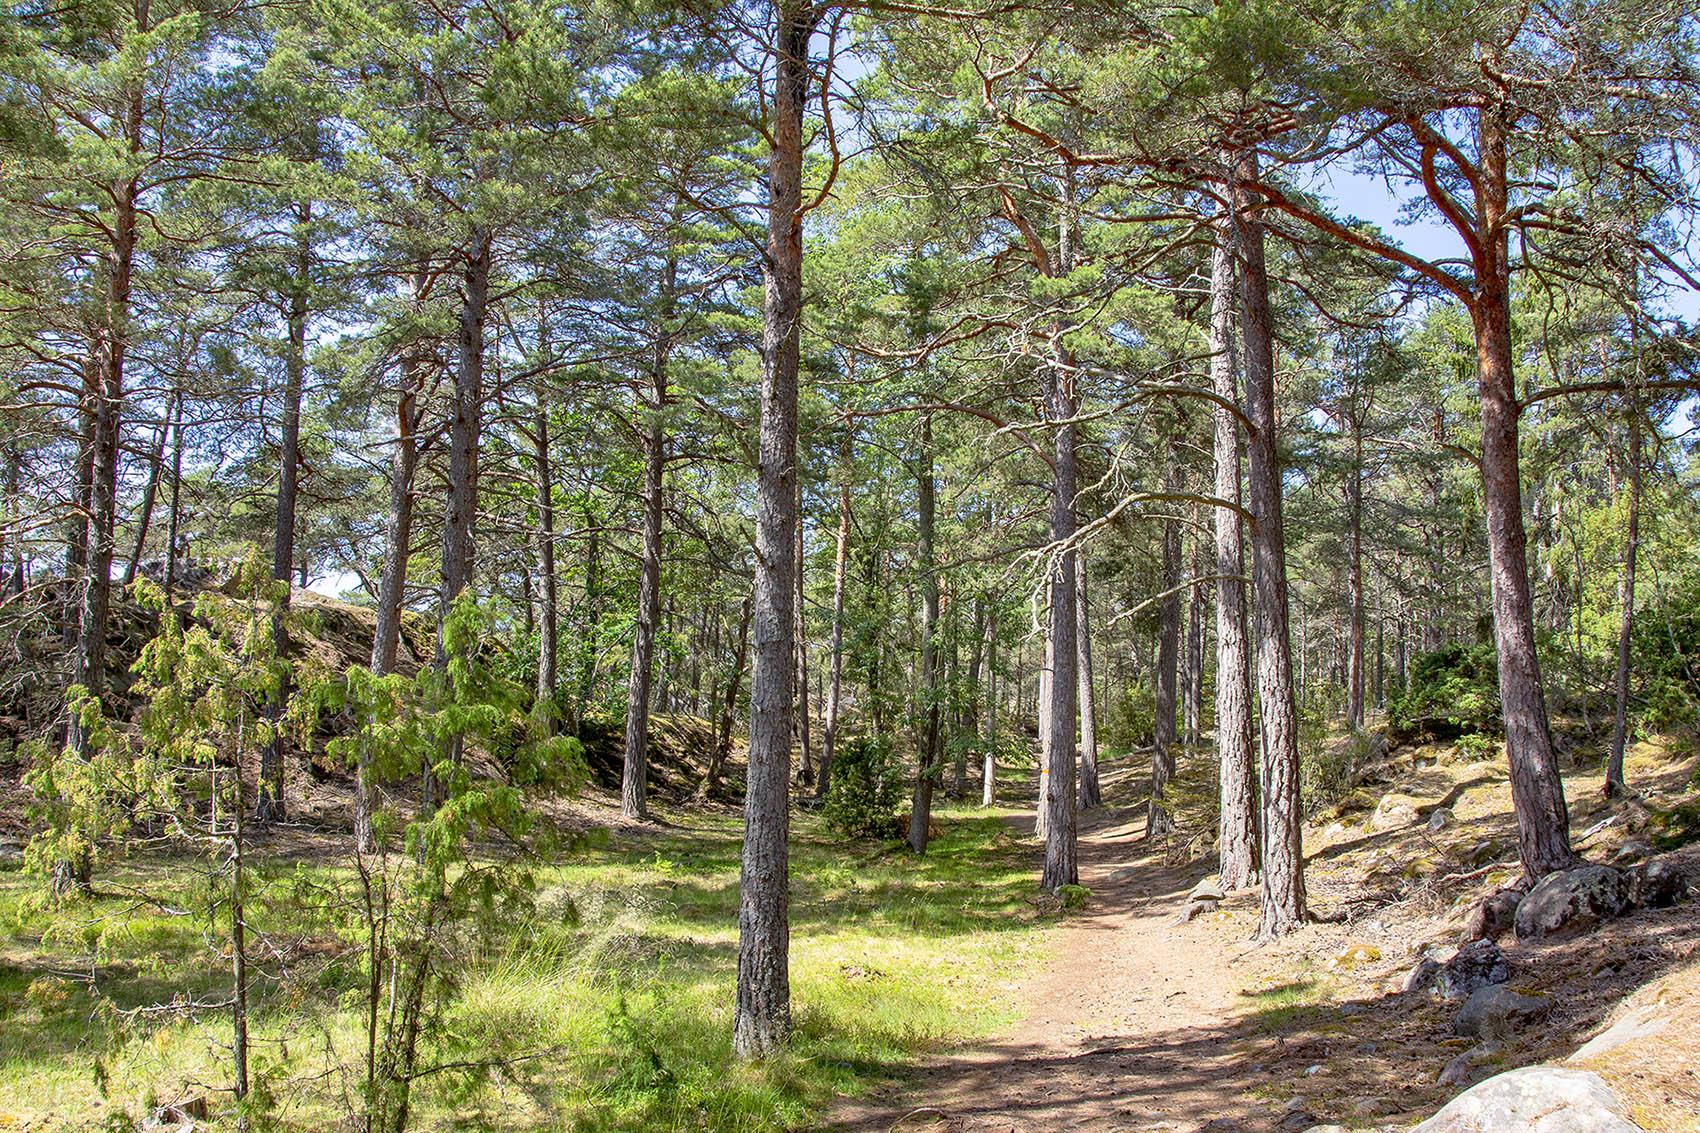 Skog på stigen mellan Naturum och Stora Krokholmen.